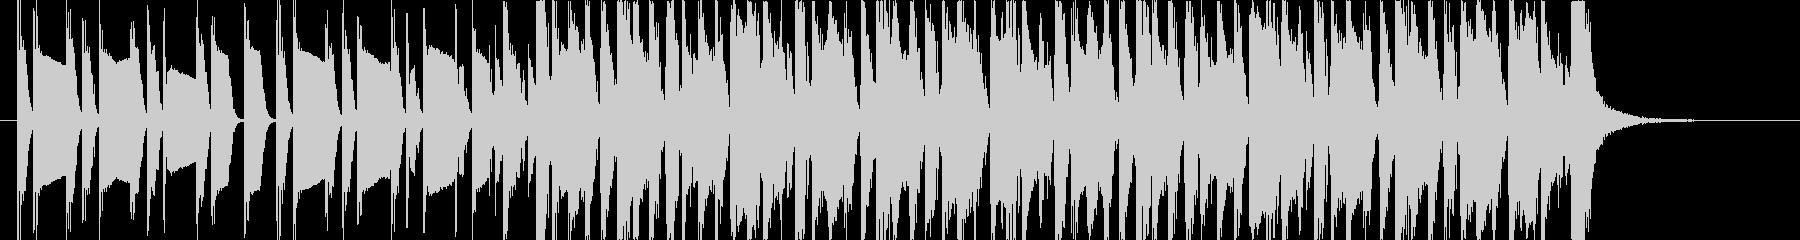 cmに使われるビンテージロックの未再生の波形